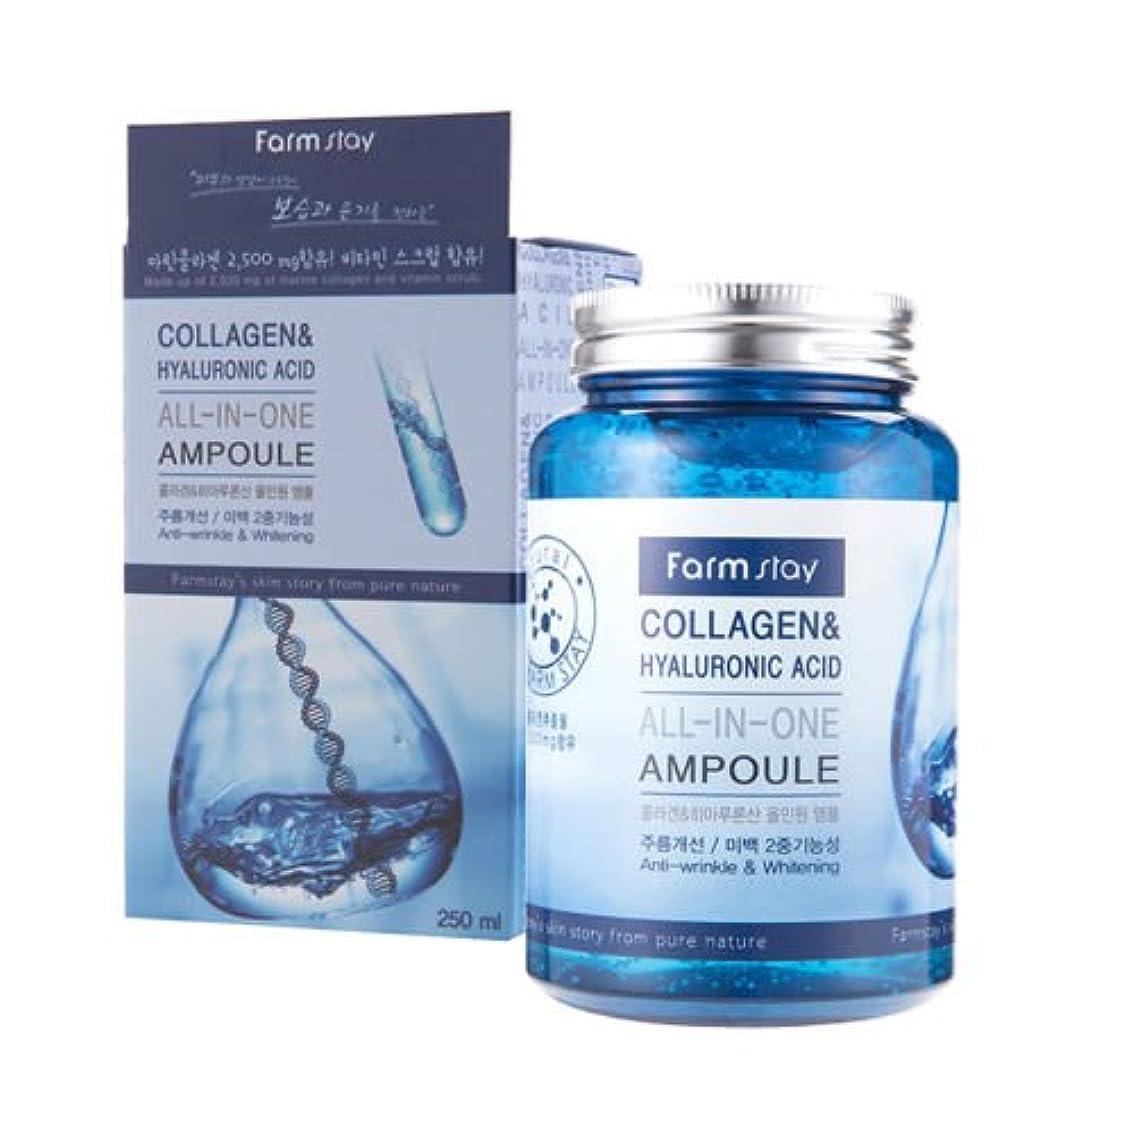 ローブ牛罰するFarm Stay Collagen & Hyaluronic Acid All In One Ampoule 250ml/Korea Cosmetic [並行輸入品]